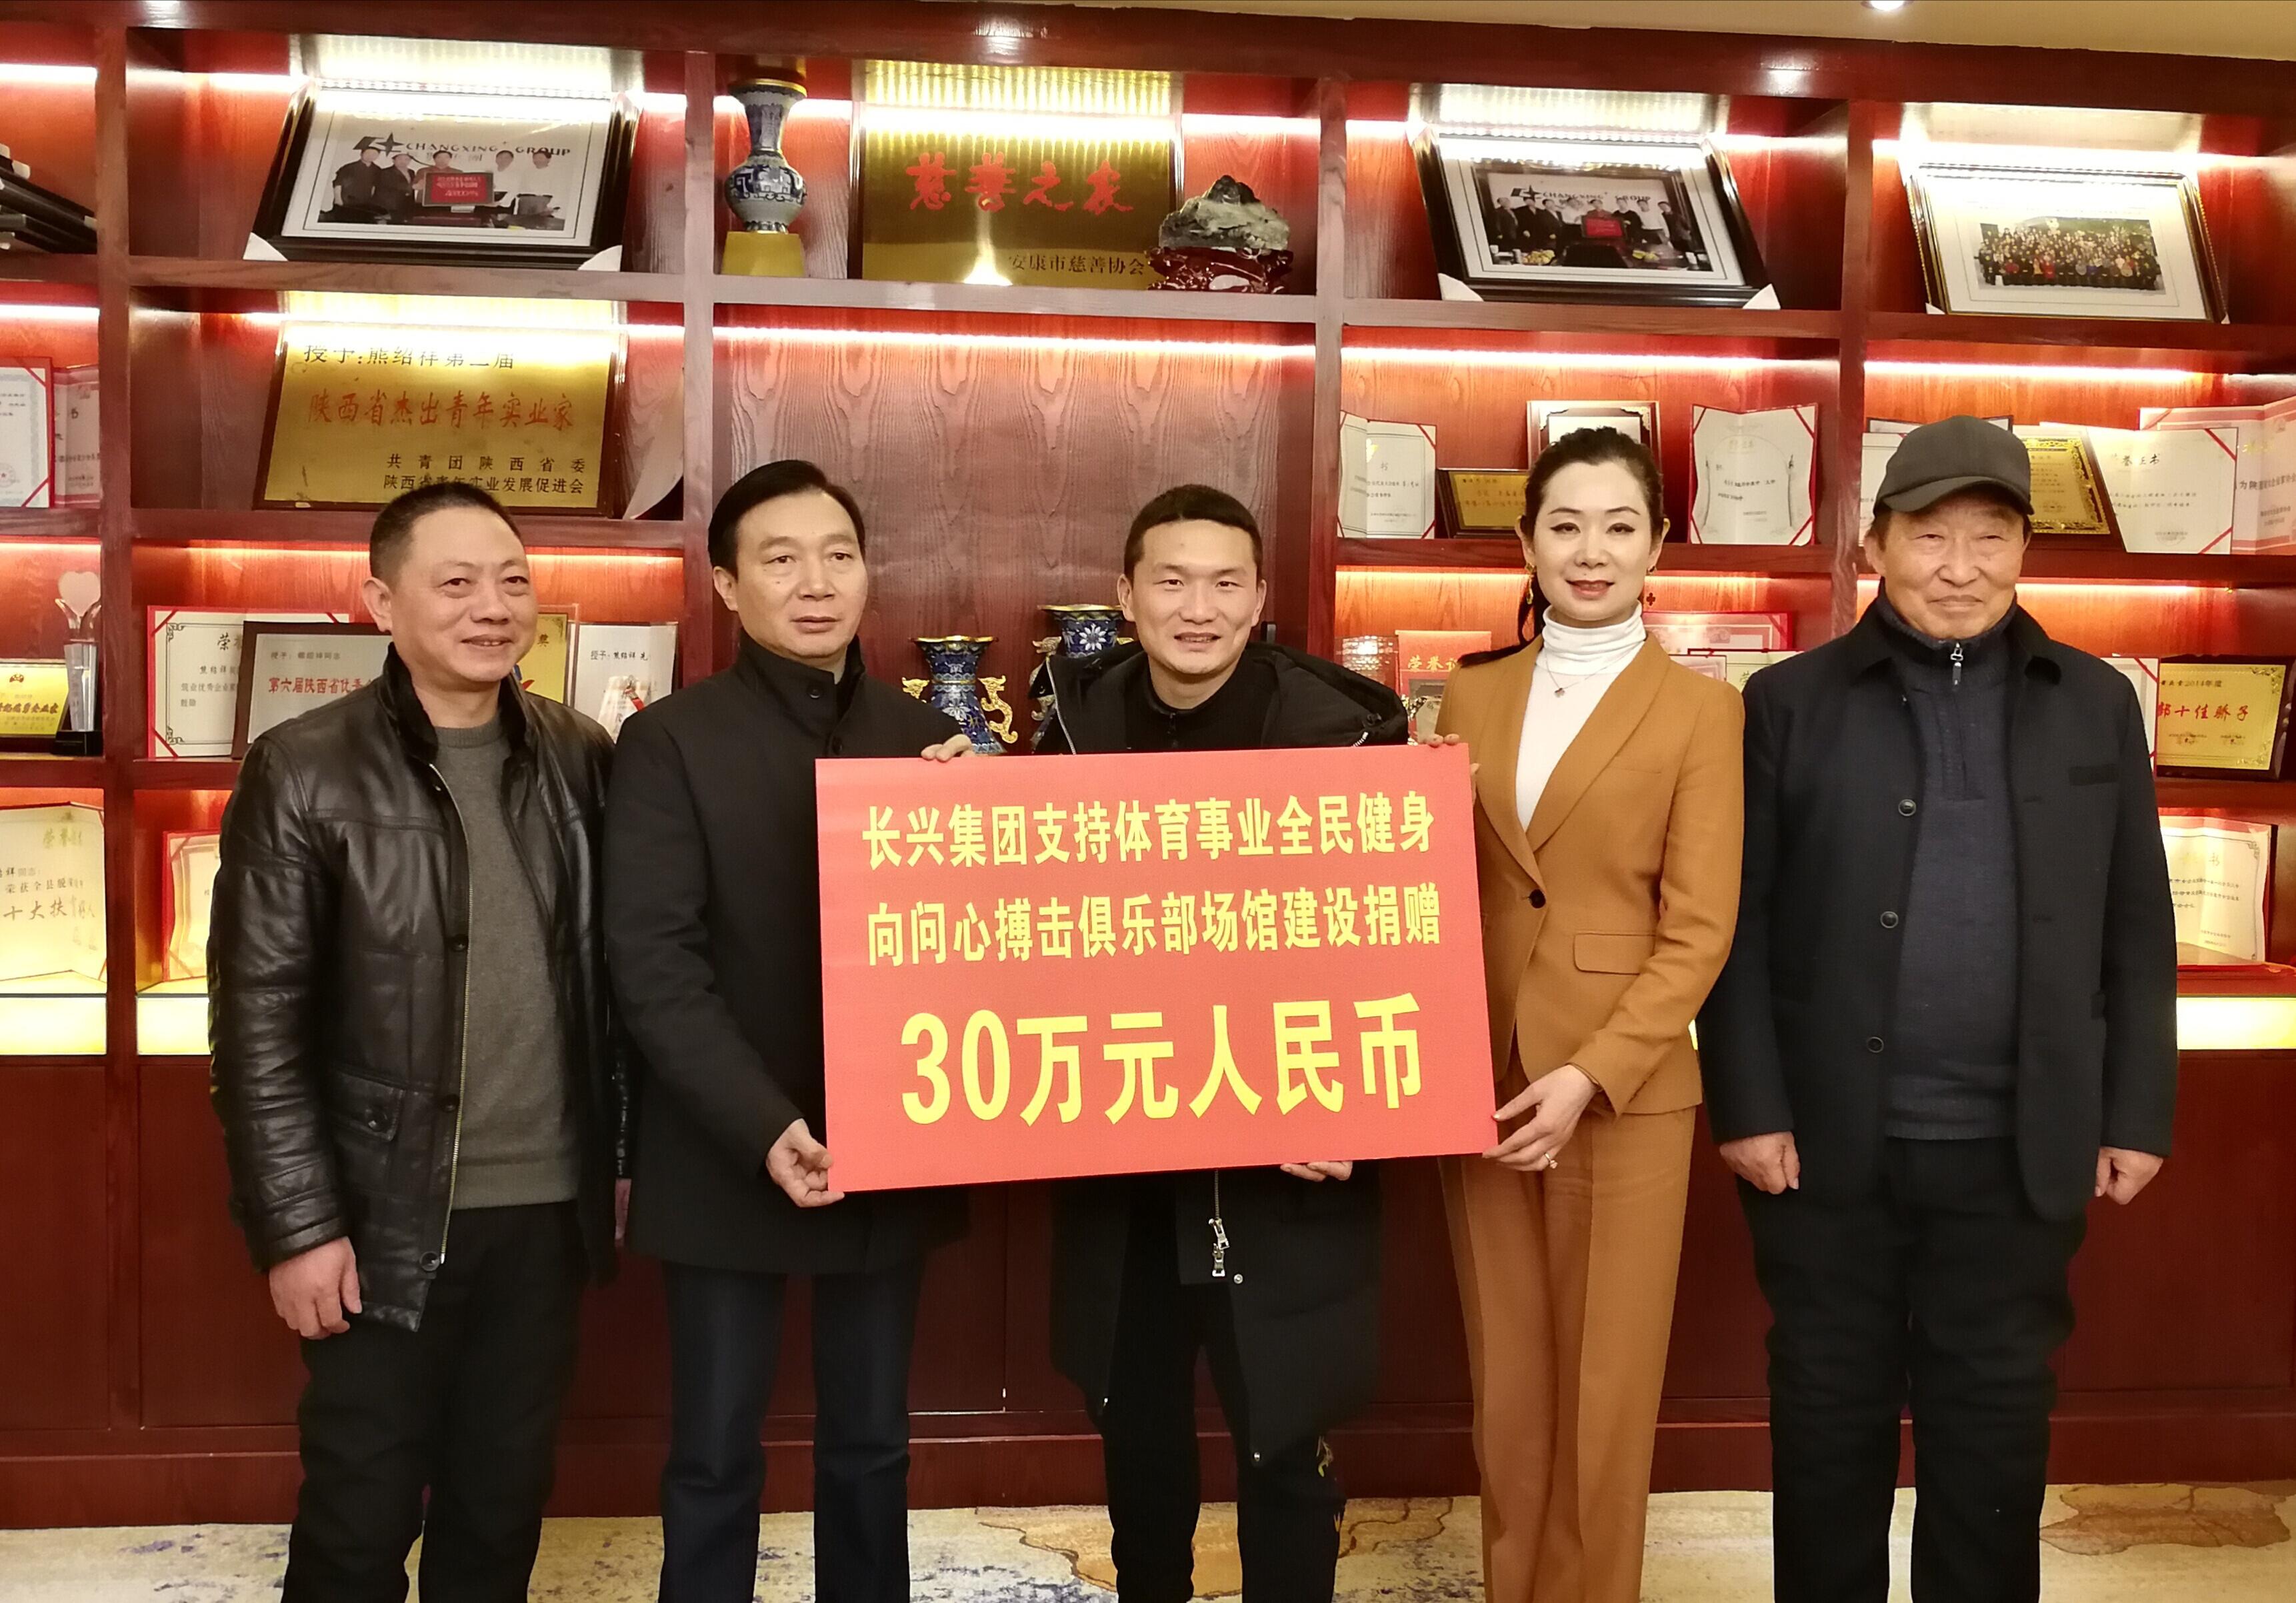 长兴建筑集团向问心搏击俱乐部场馆建设捐赠30万